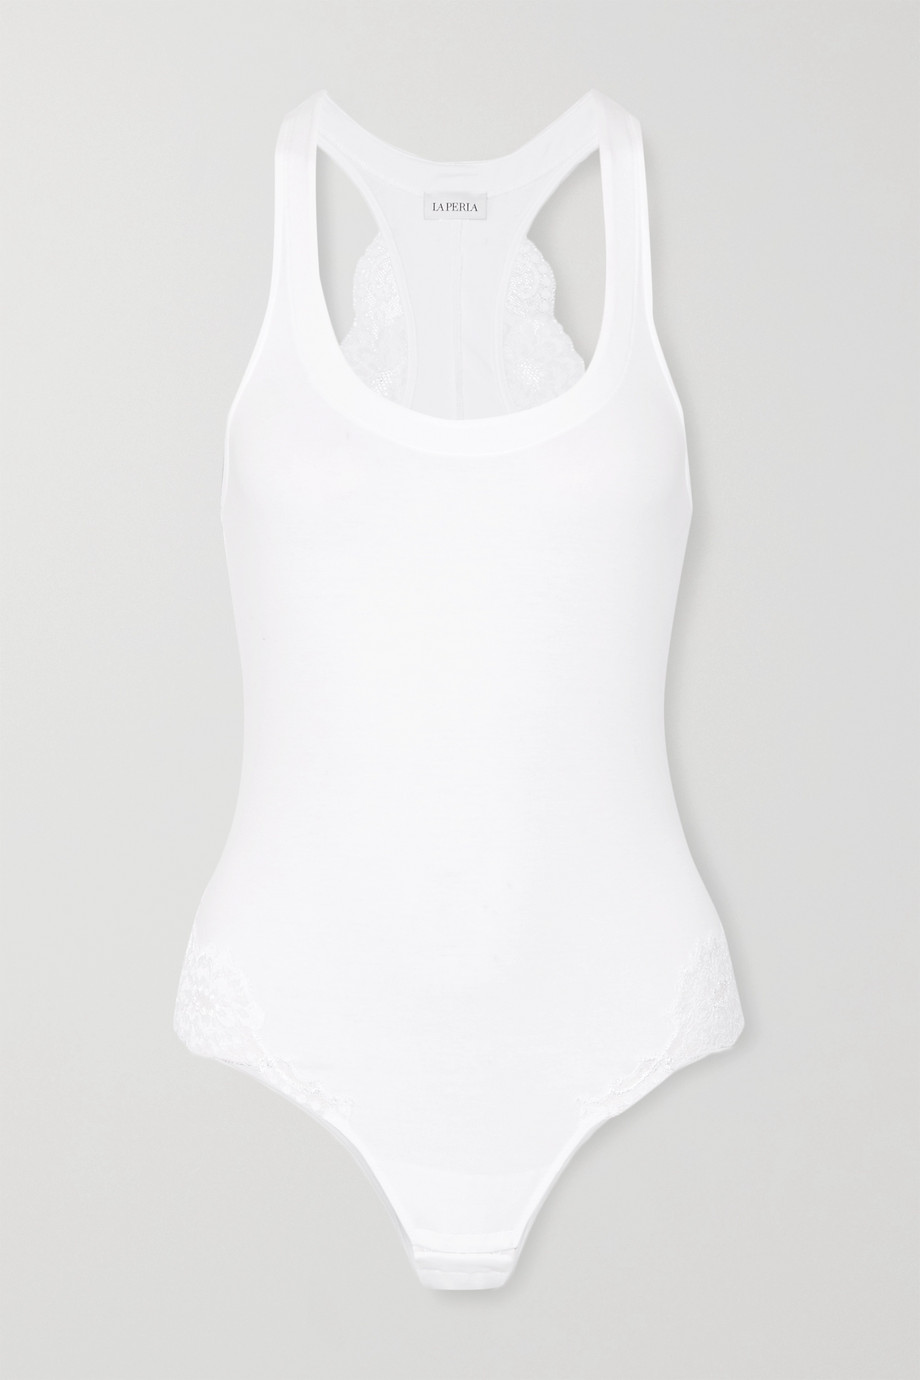 La Perla Souple Body aus Stretch-Jersey aus einer Baumwollmischung mit Spitzenbesatz